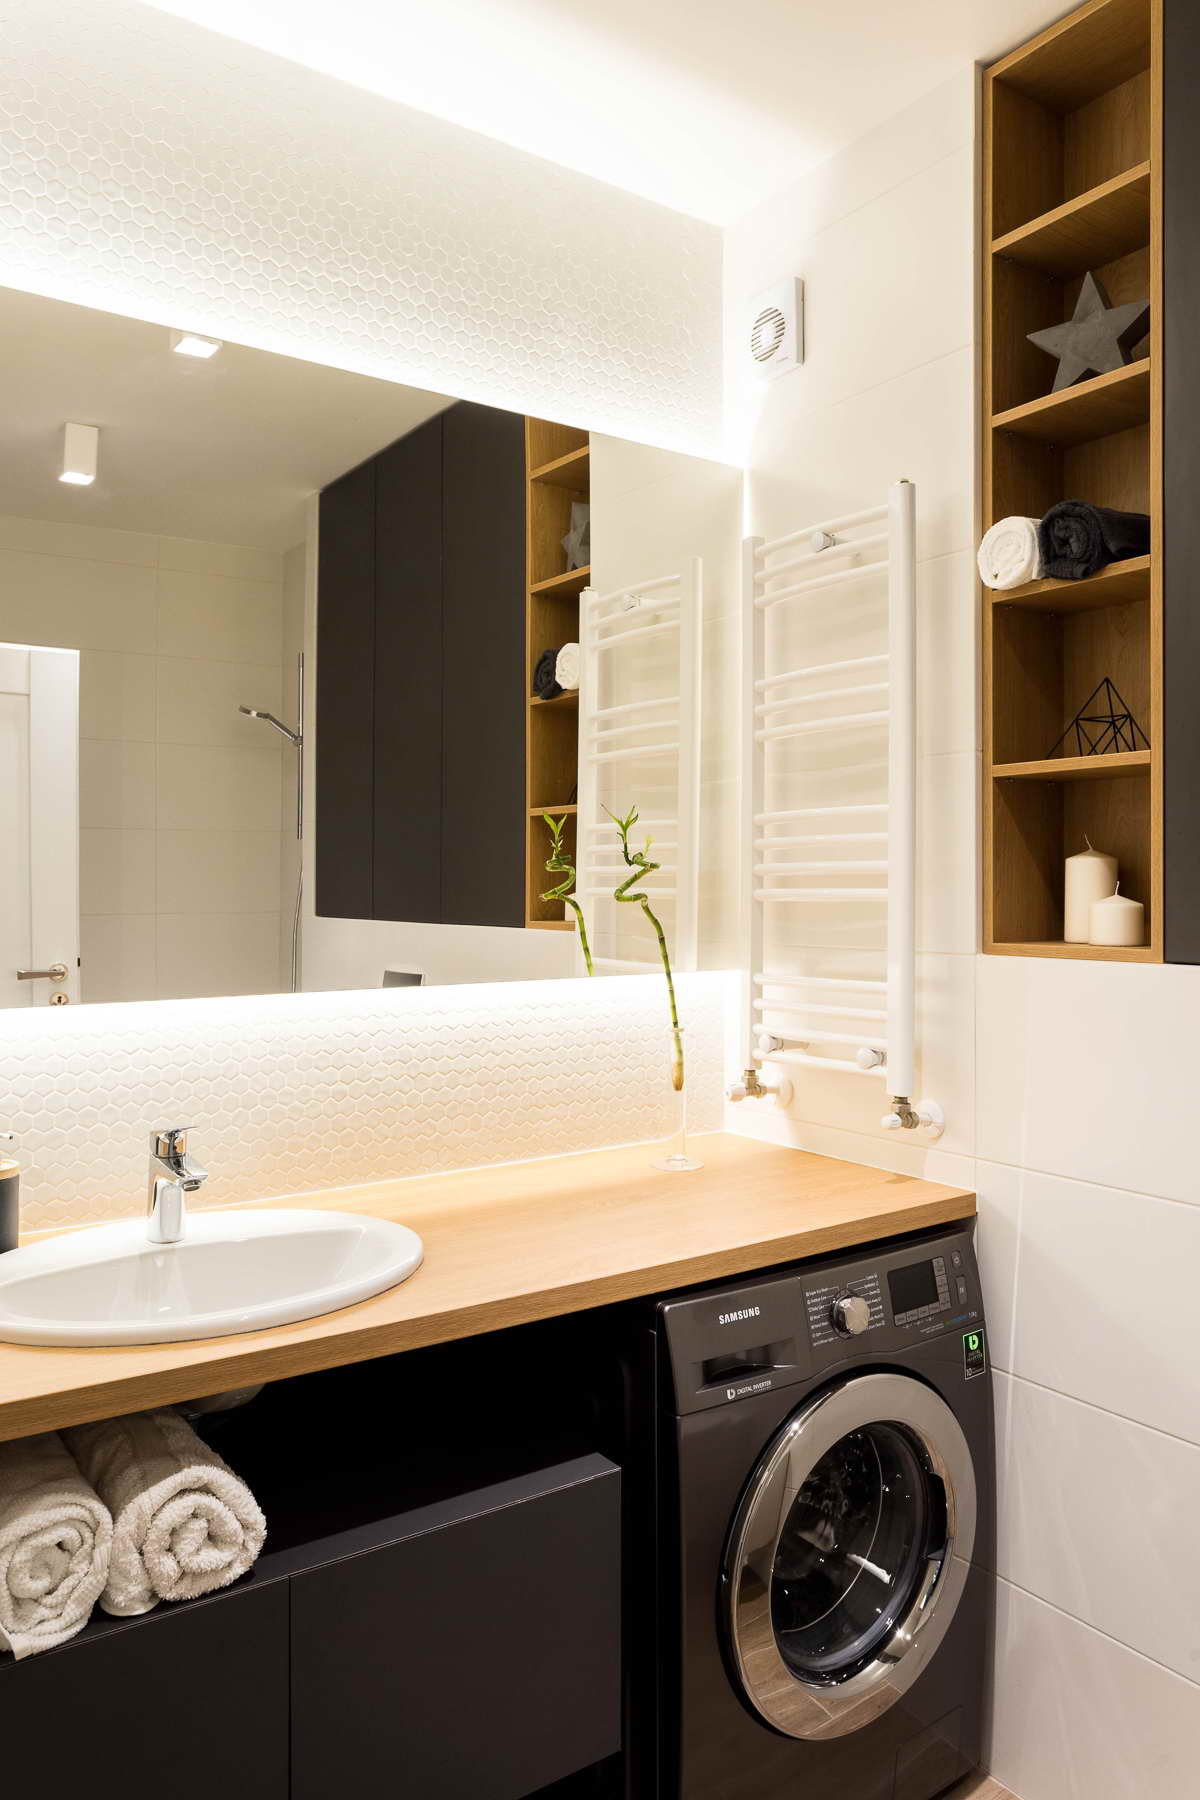 egyszerű színek letisztult design - fürdőszoba